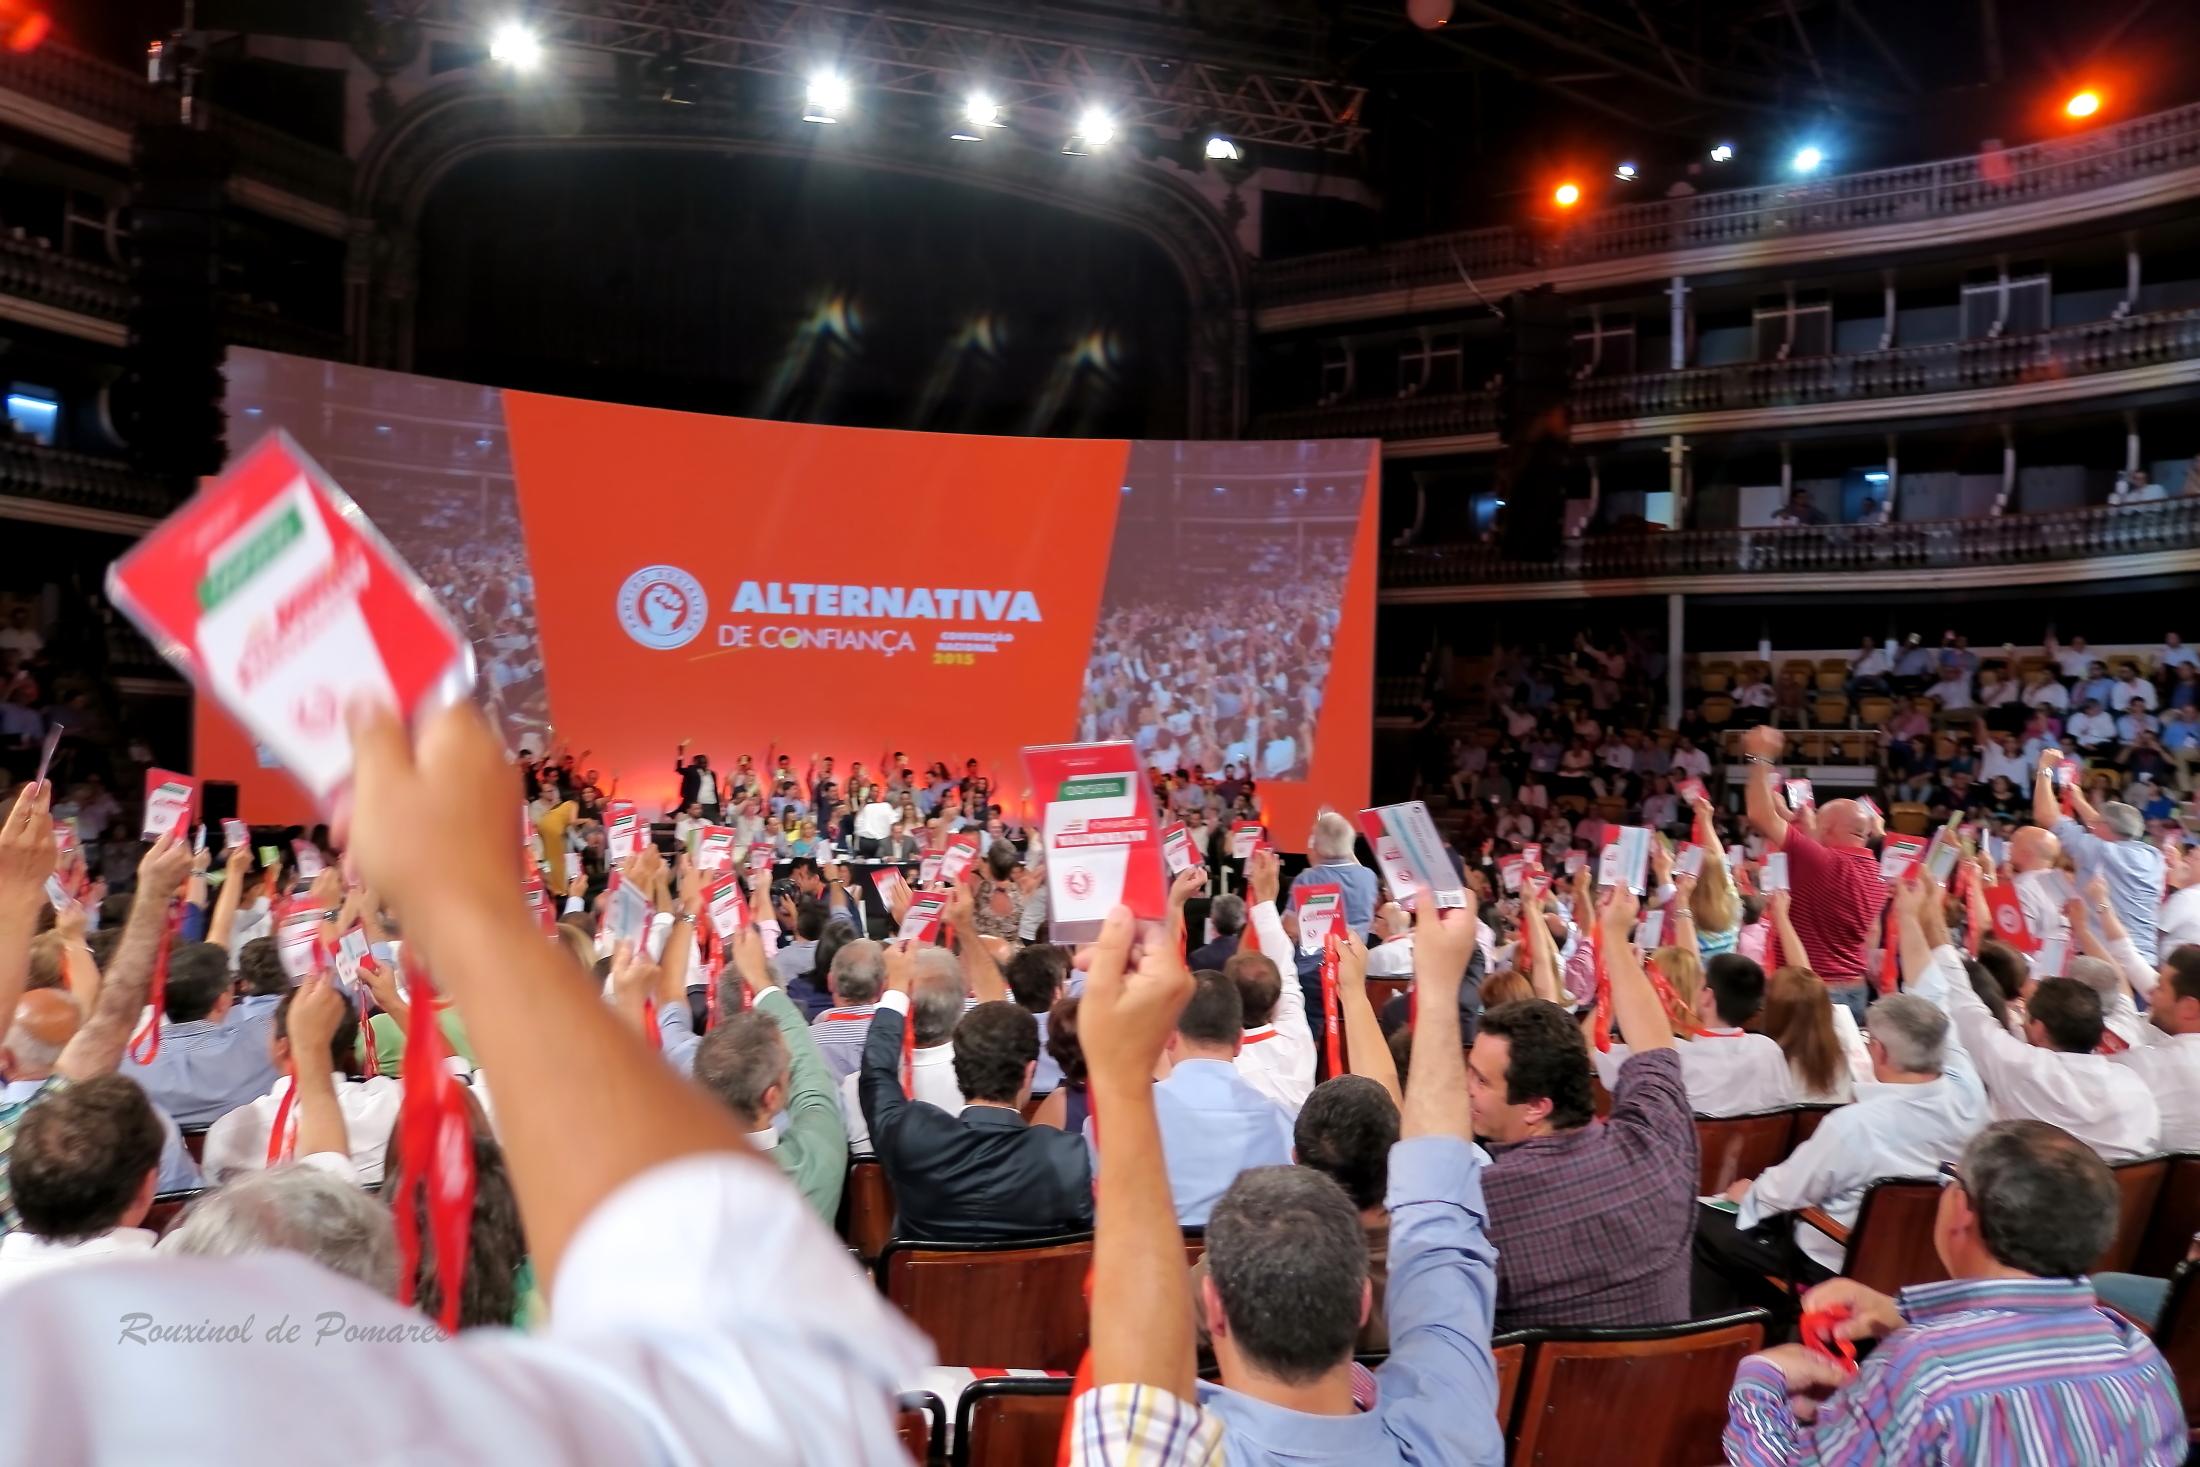 Convenção Nacional 2015 Alternativa de Confianç